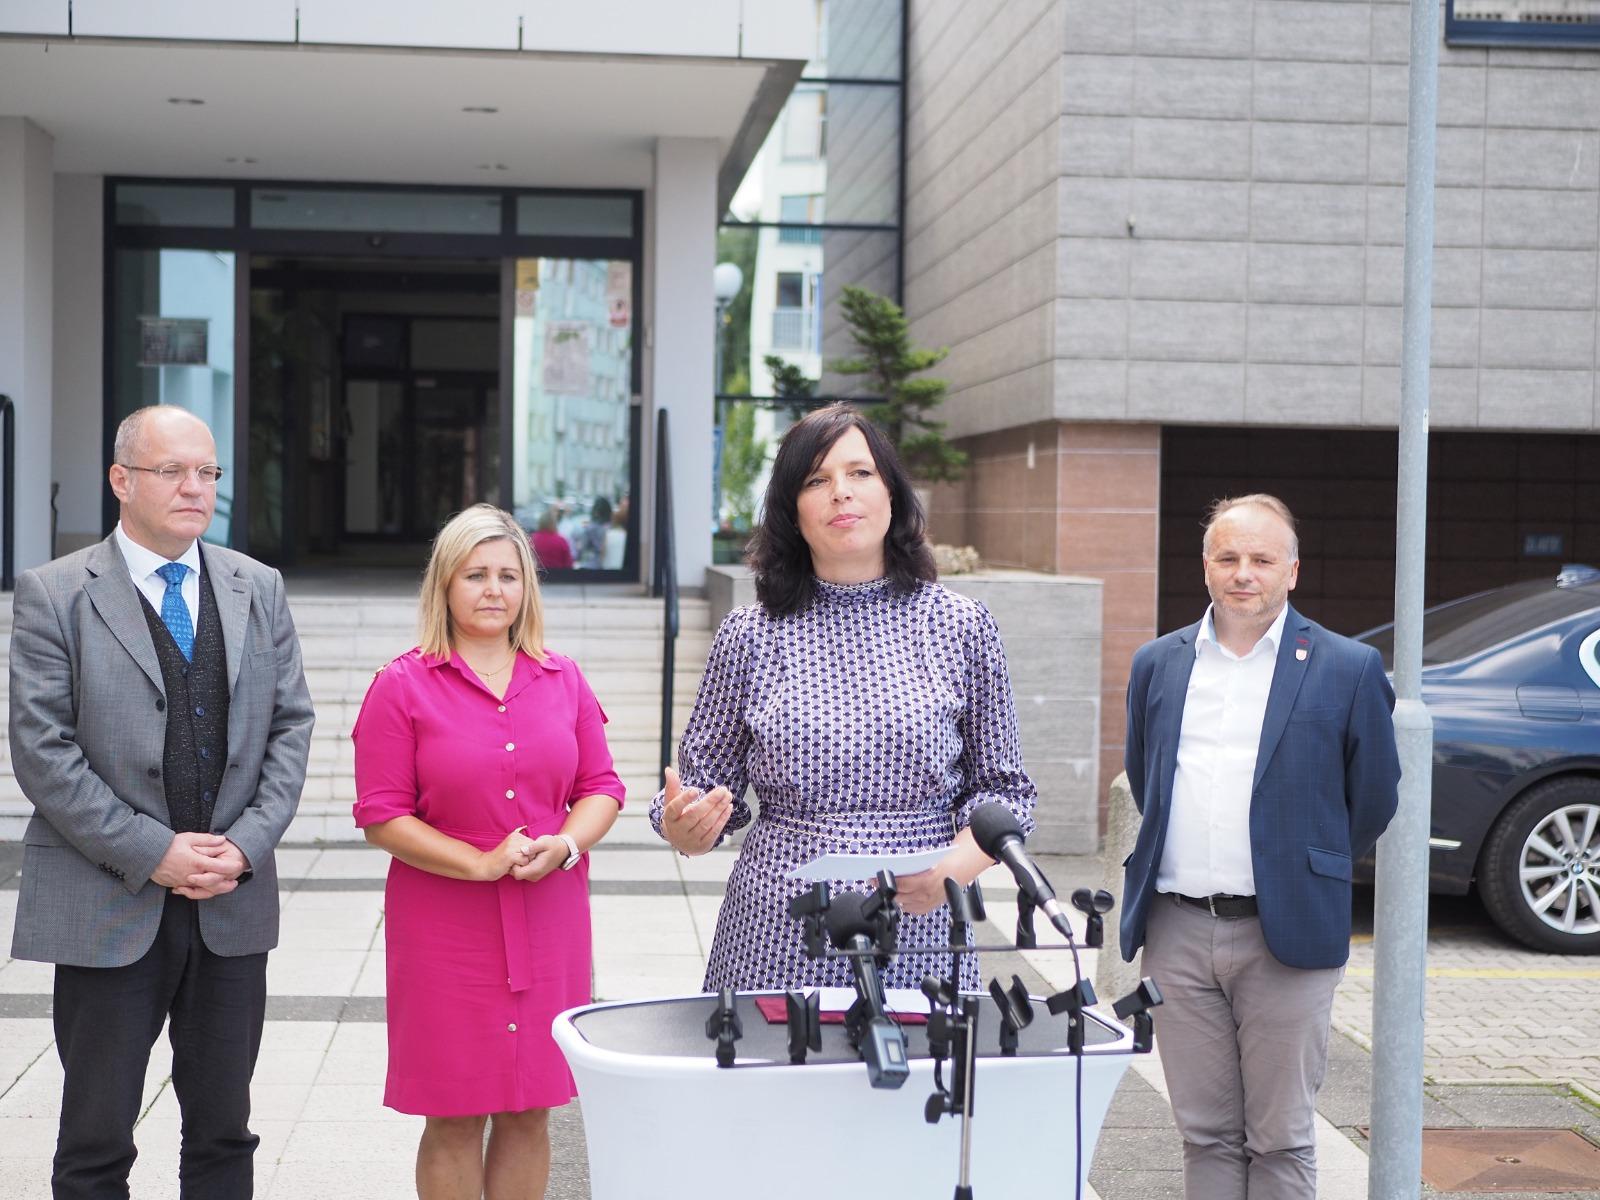 Vicepremiérka Remišová: Ak chceme zatraktívniť cyklodopravu  na Slovensku, potrebujeme radikálne zvýšiť bezpečnosť cyklistov